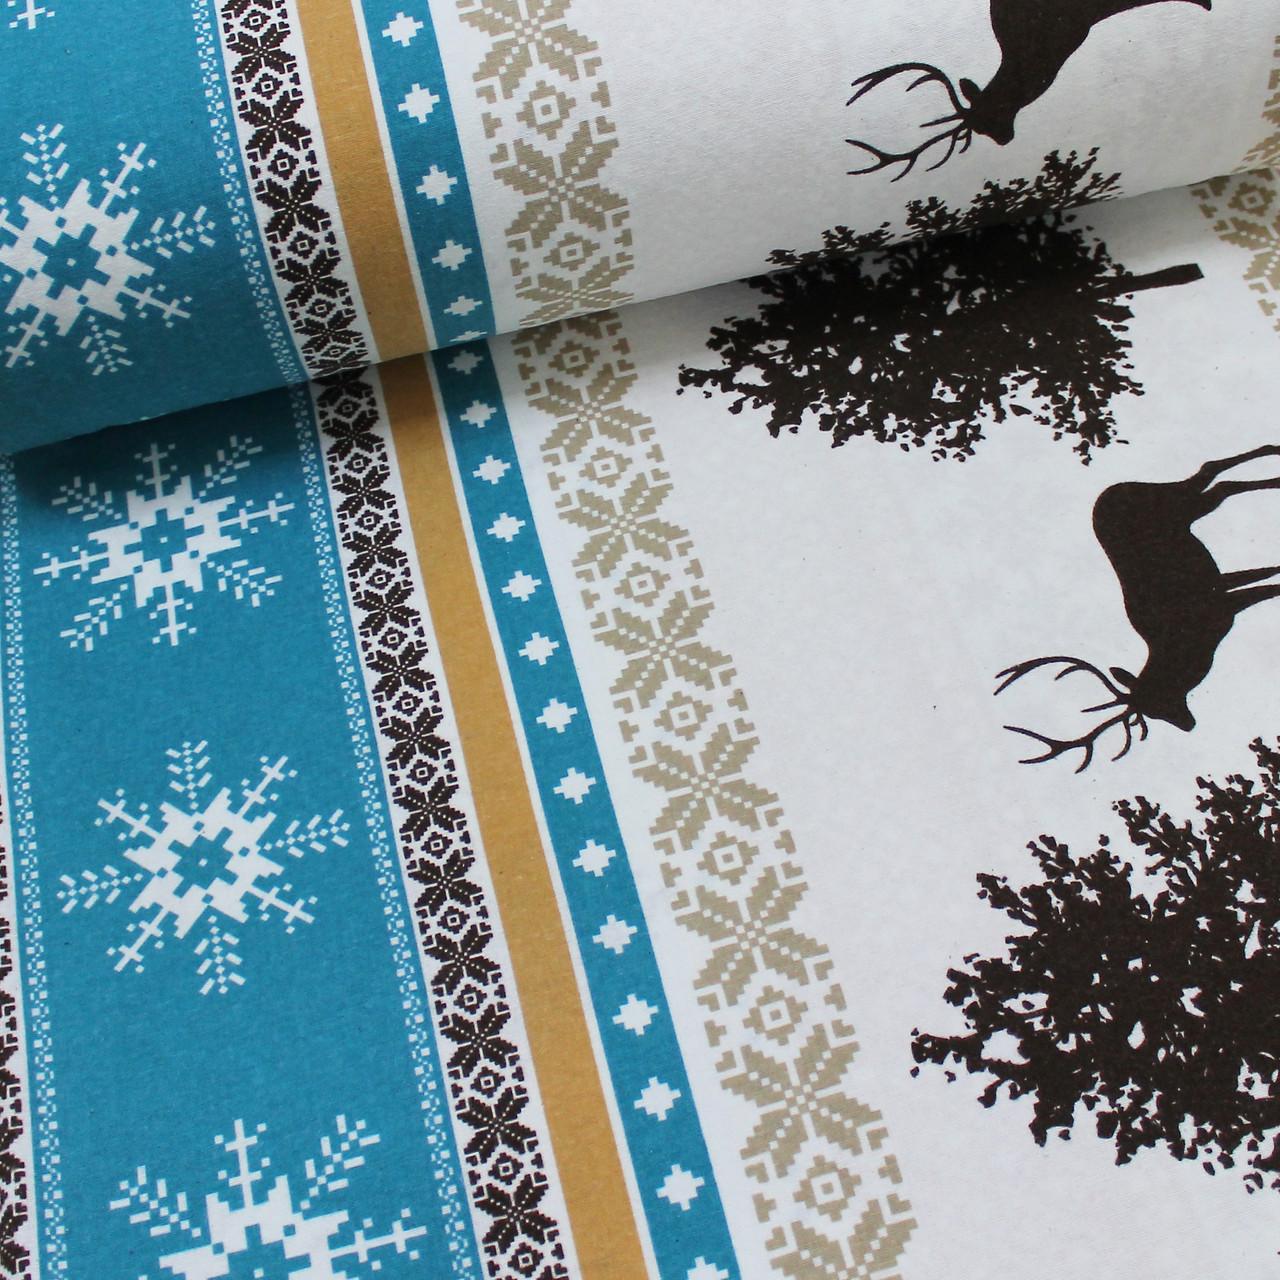 Фланелевая ткань (ТУРЦИЯ шир. 2,4) Олени на полоске с бирюзовым орнаментом